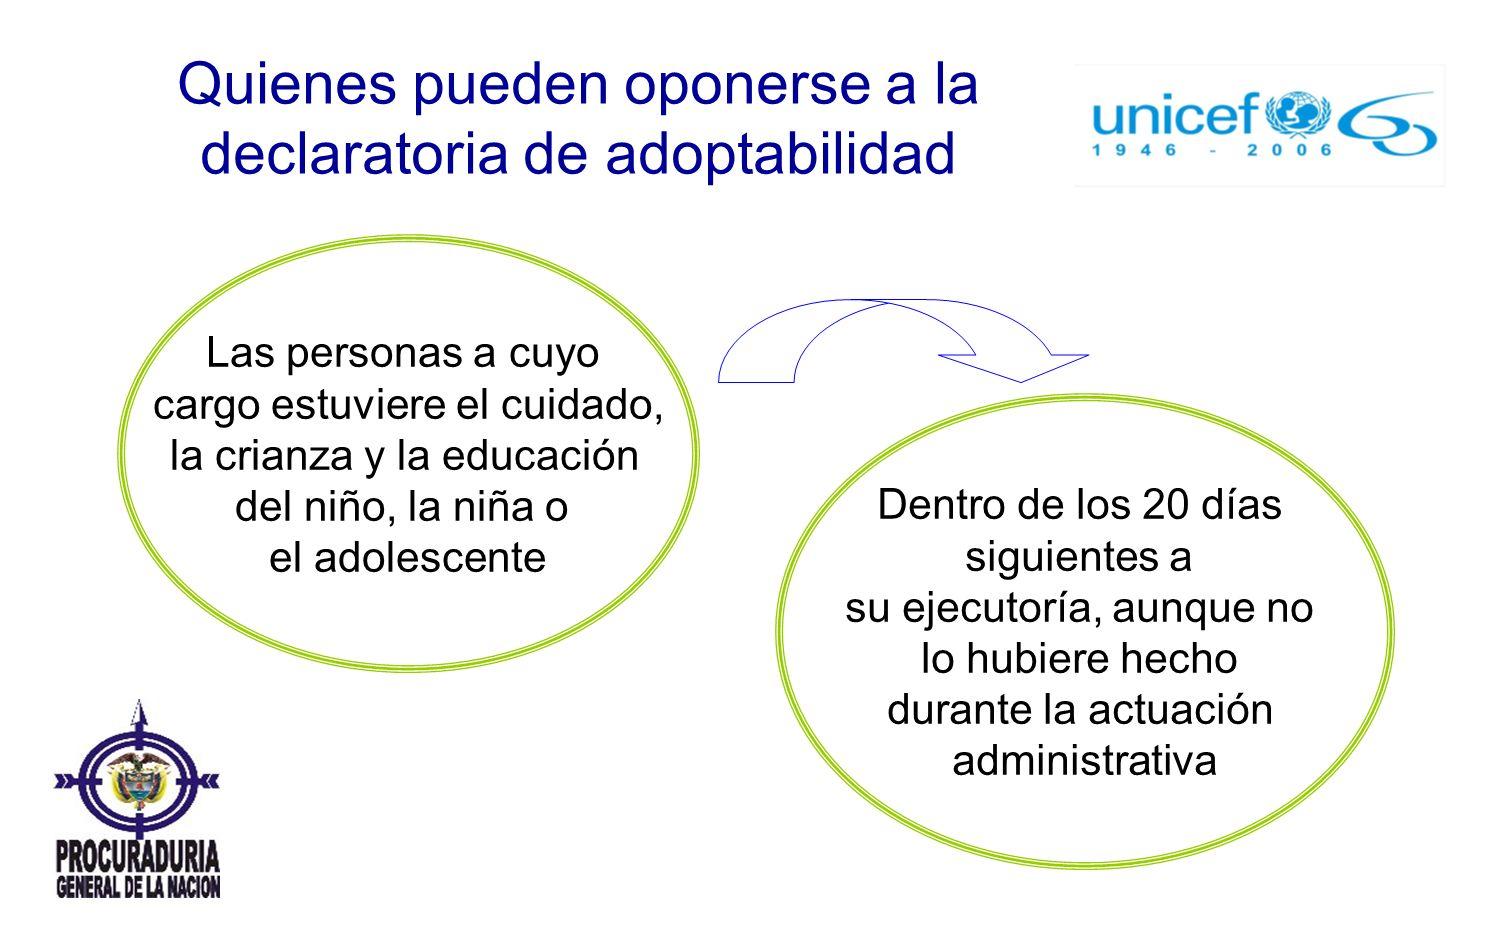 Quienes pueden oponerse a la declaratoria de adoptabilidad Las personas a cuyo cargo estuviere el cuidado, la crianza y la educación del niño, la niña